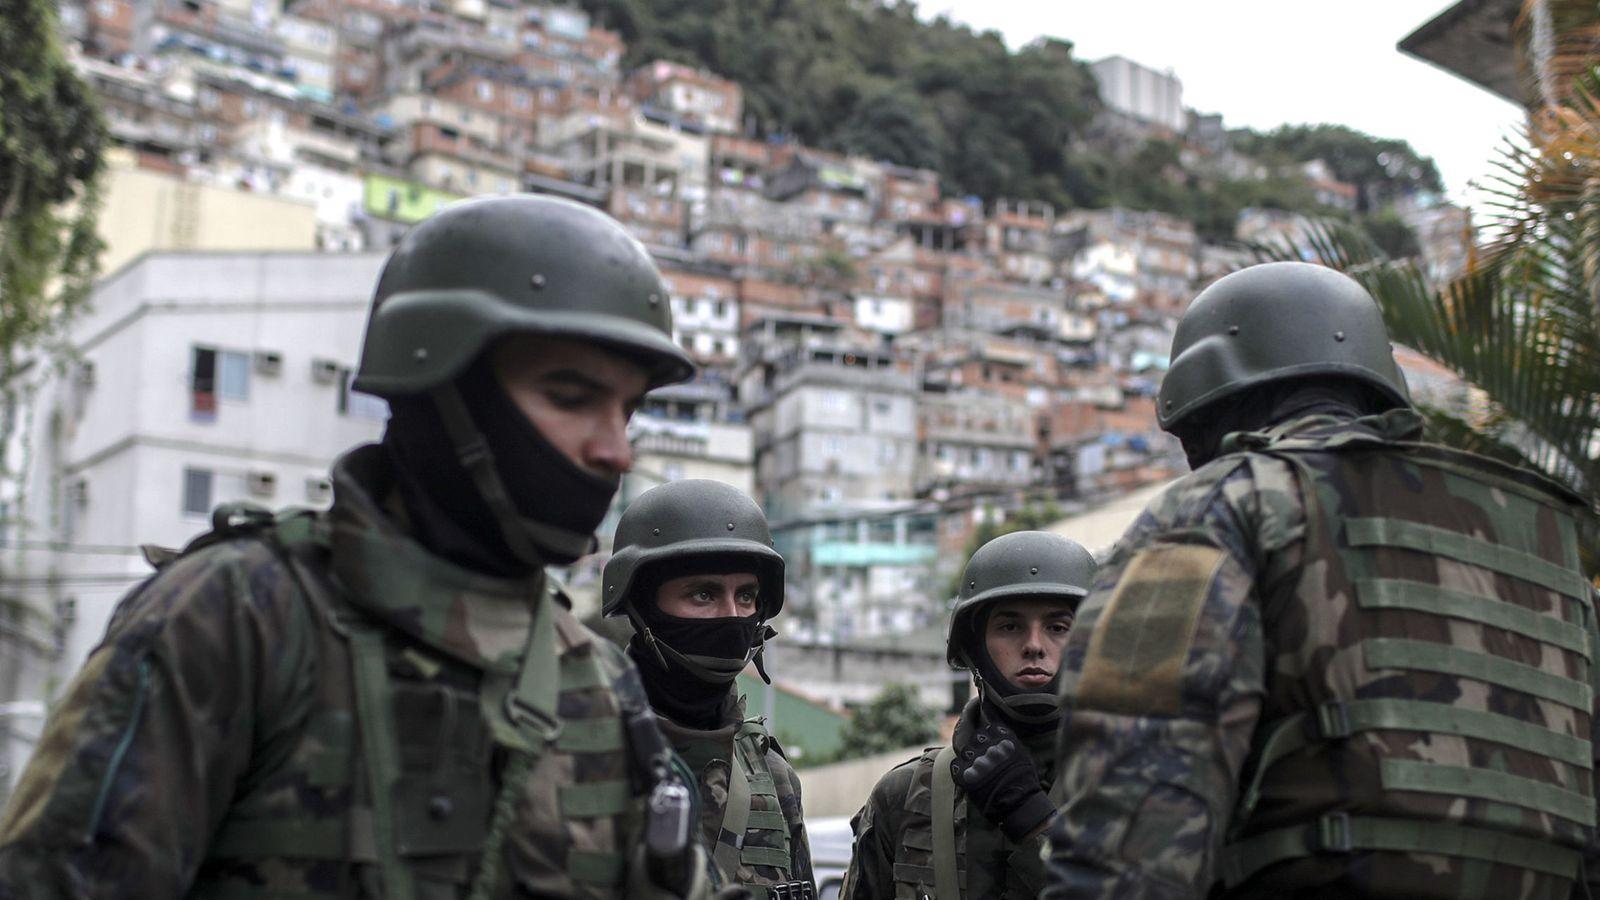 Foto: Imagen de archivo de soldados del ejército brasileño. (EFE)